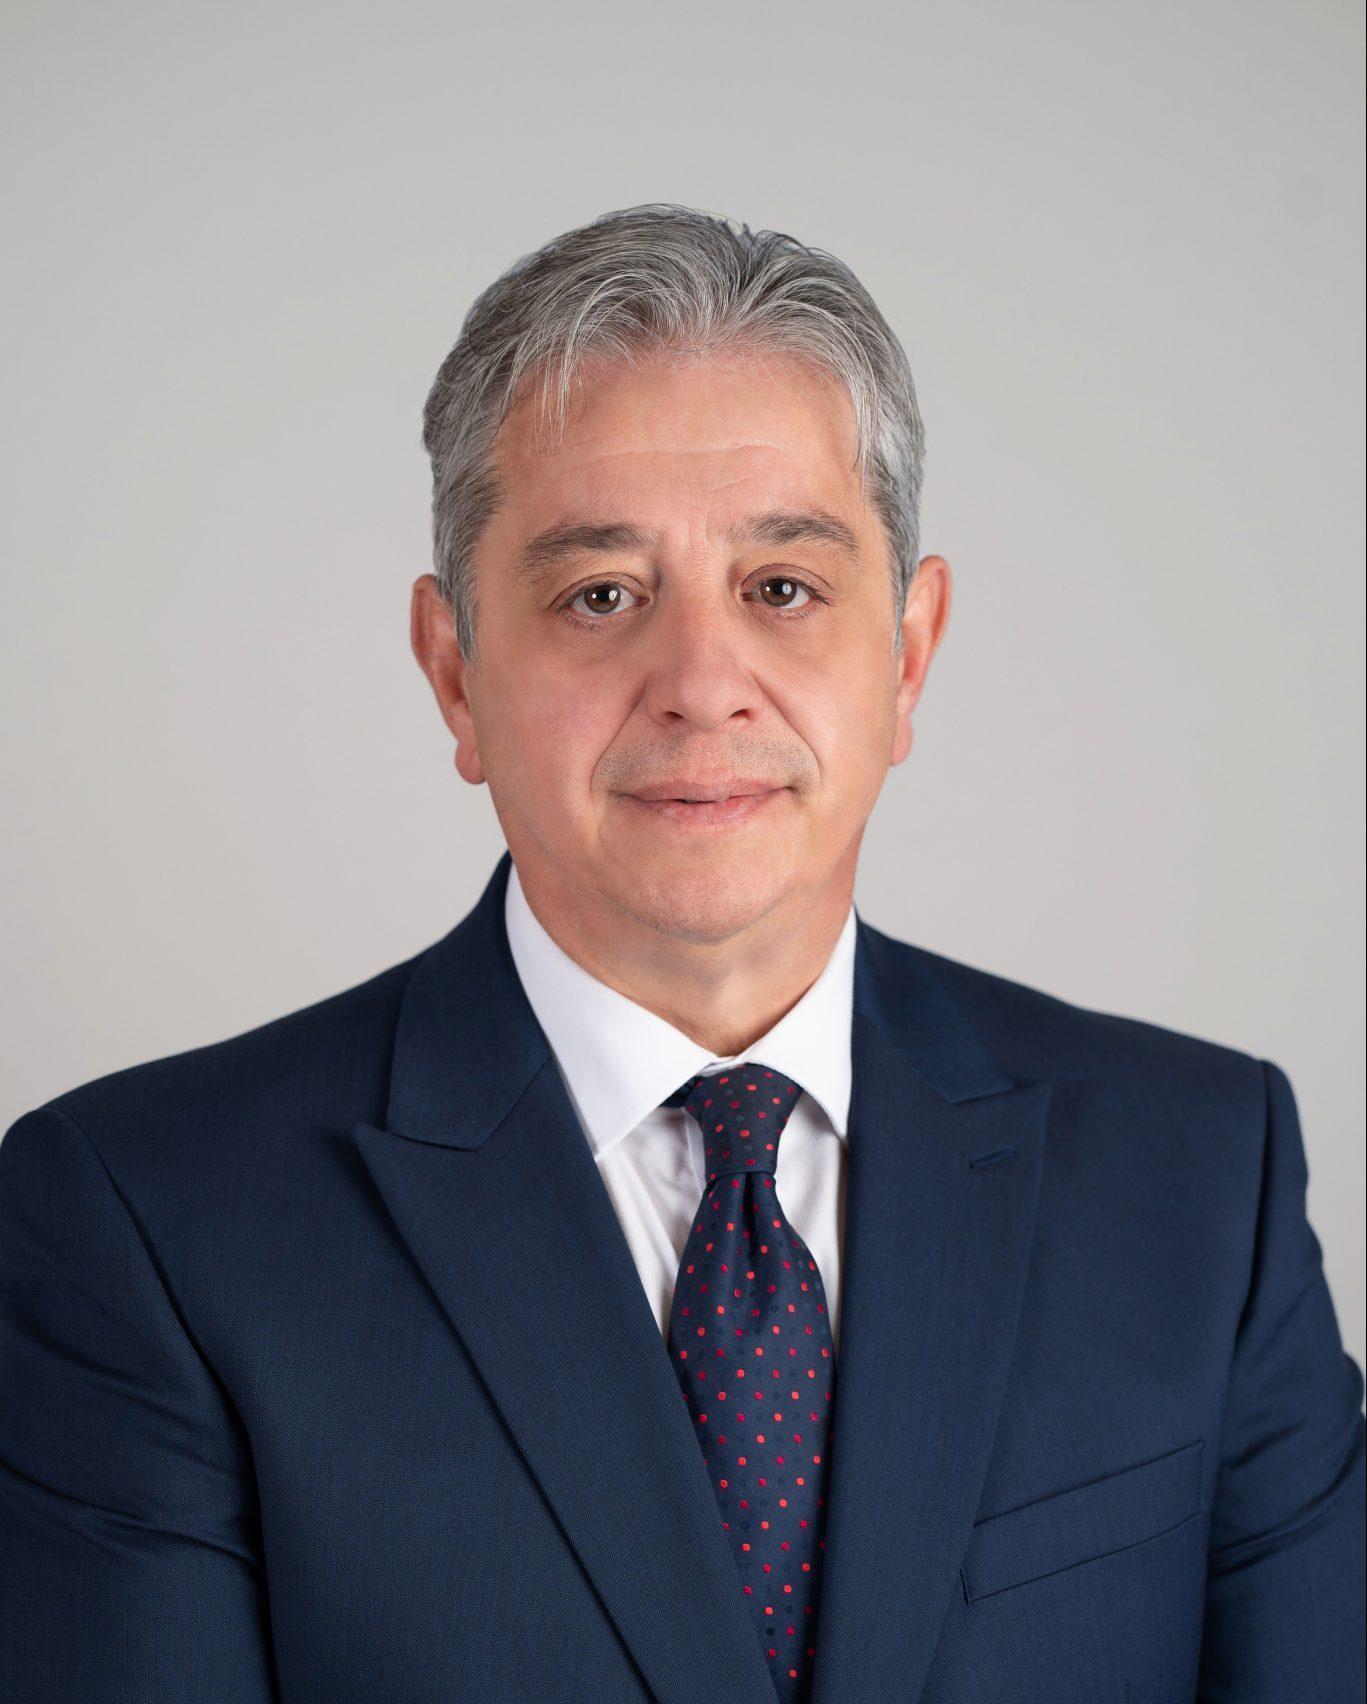 Peter Carpinelli